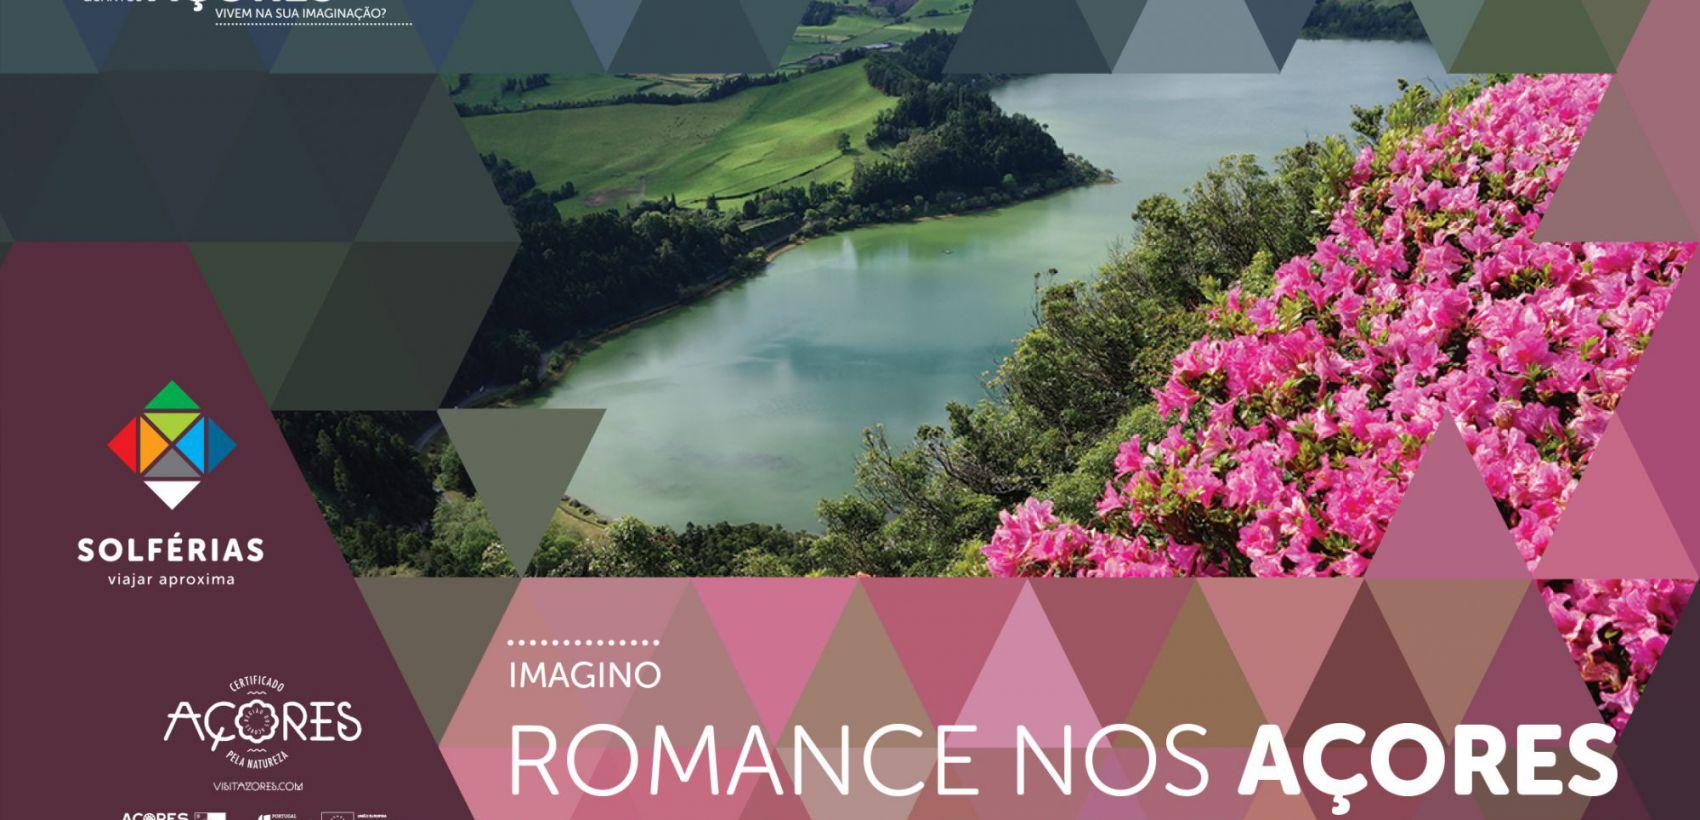 Lisboa/Porto » São Miguel: Romance nos Açores